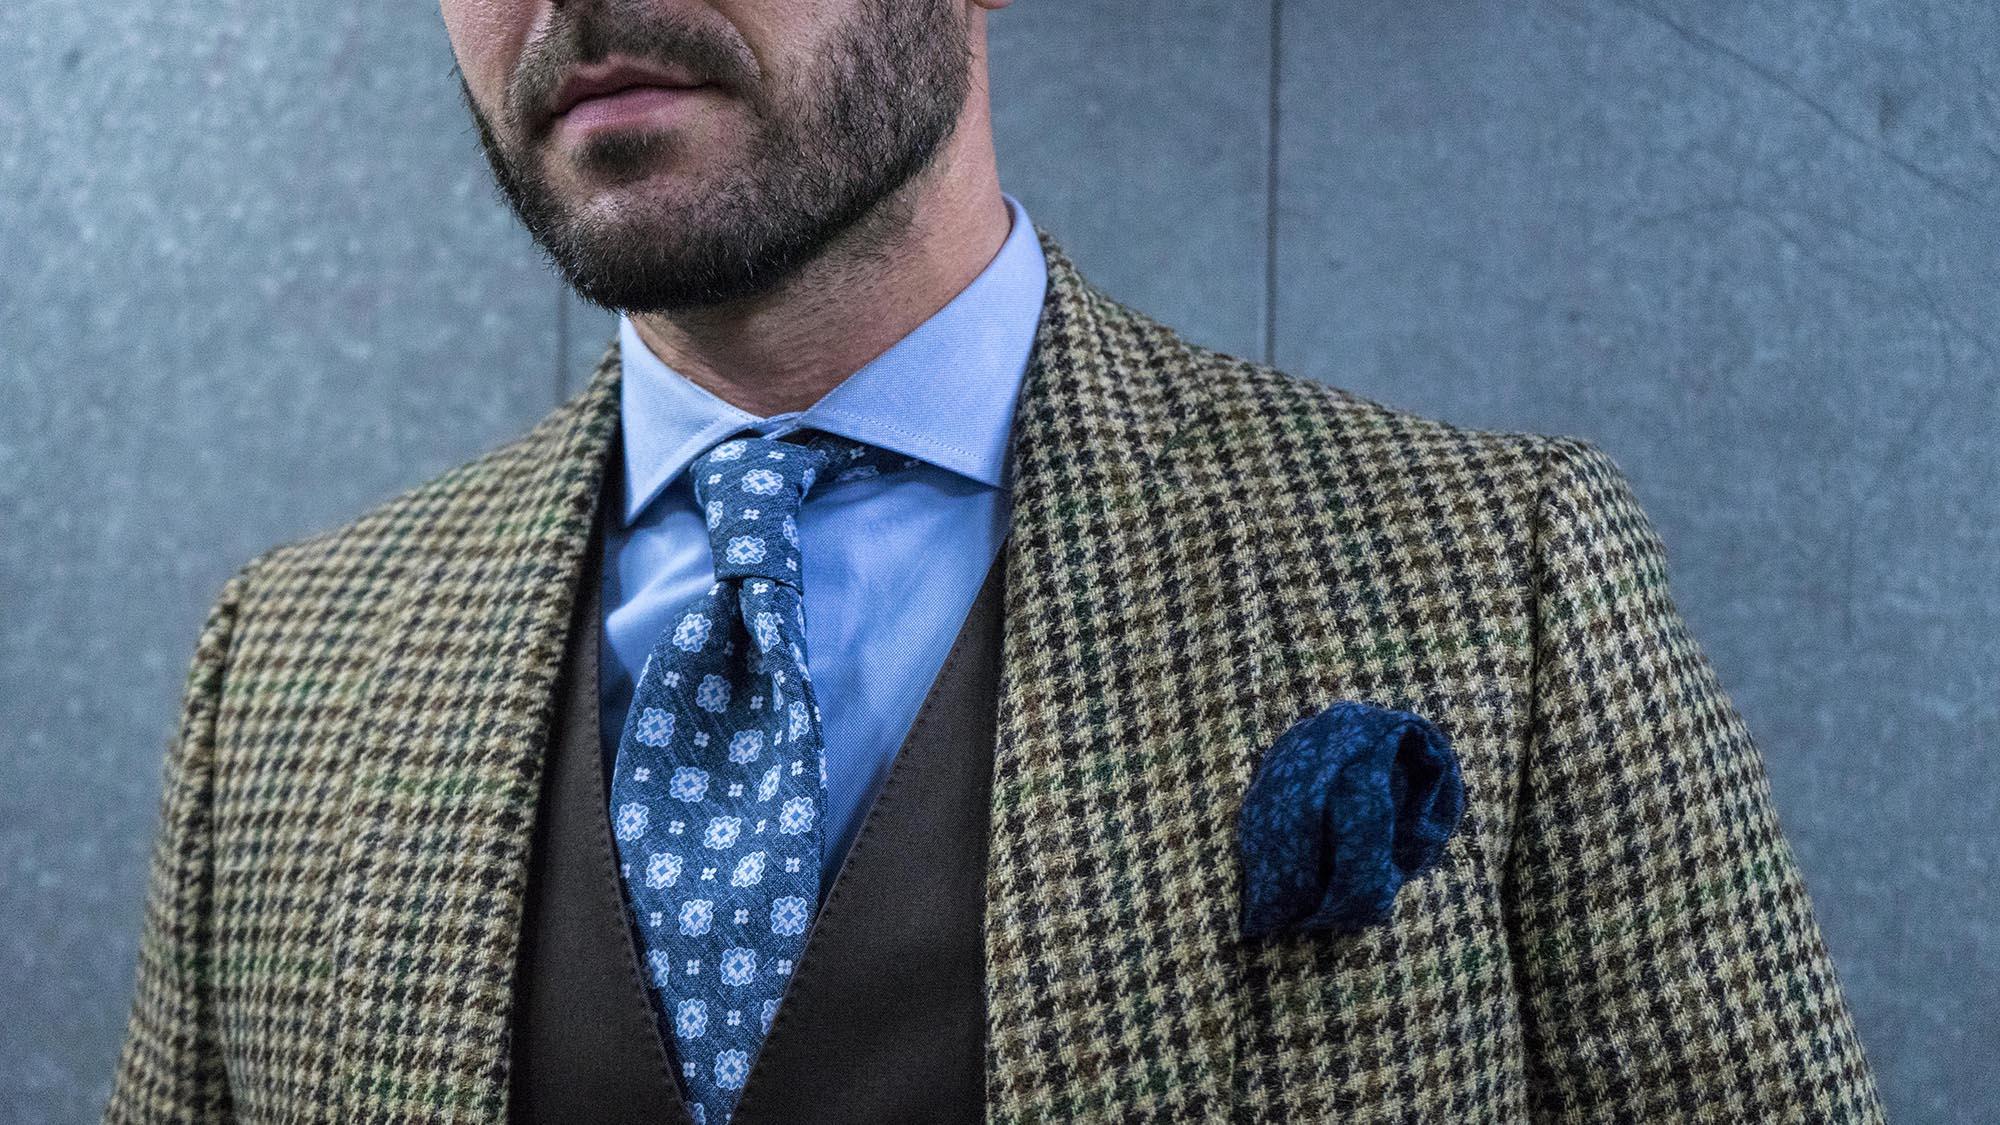 dacd3b9b4b Tendencias en Moda Masculina para 2019